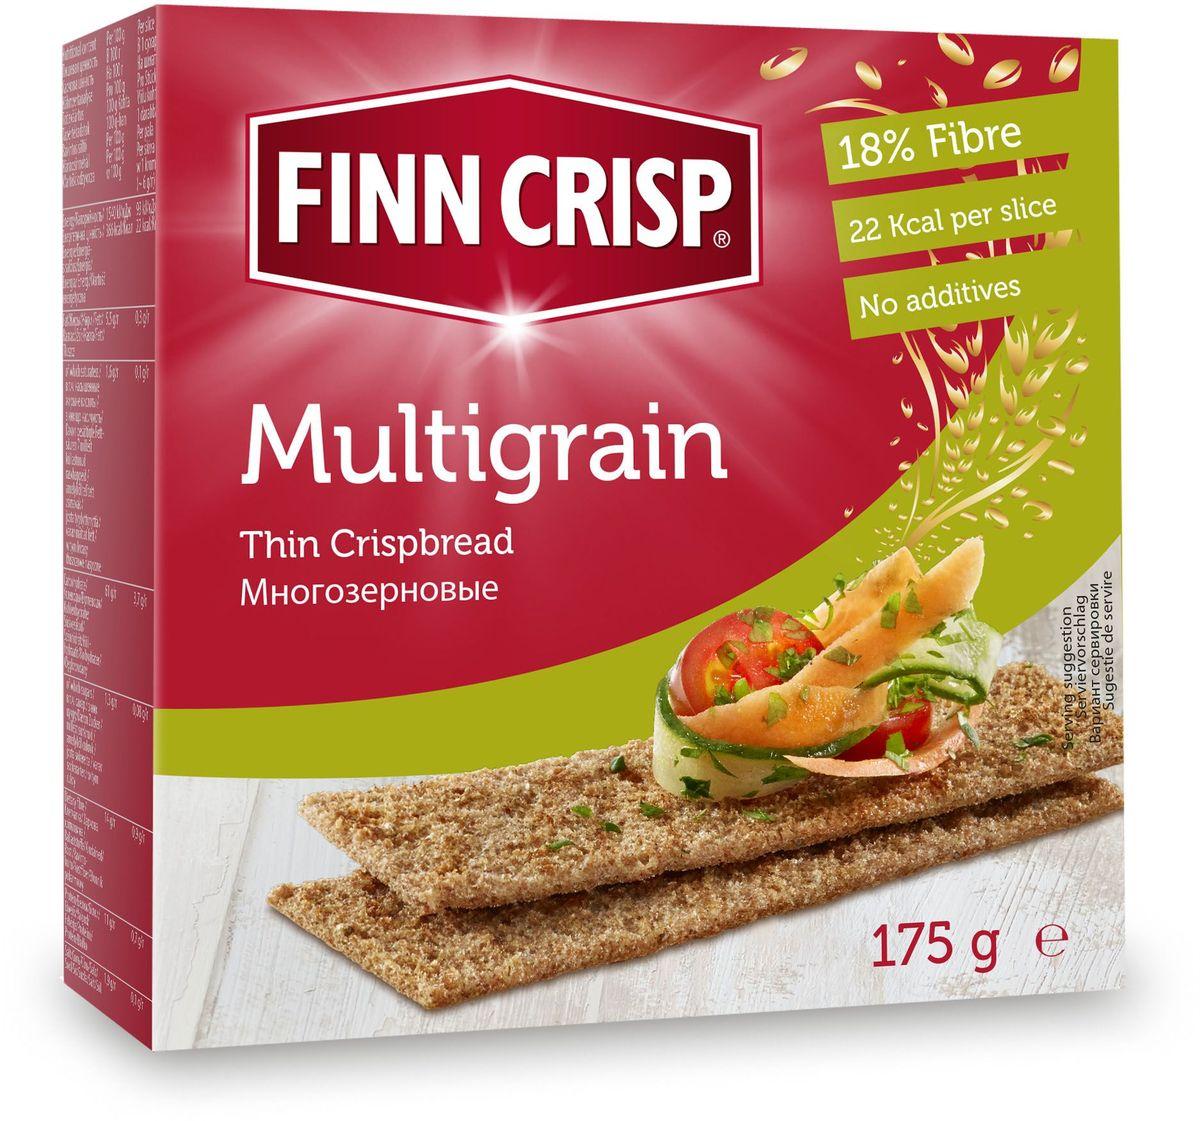 Finn Crisp Multigrain хлебцы многозерновые, 175 г20215В 1952 году началось производство сухариков FINN CRISP (ФИНН КРИСП), когда стартовали Олимпийские Игры в Хельсинки (Финляндия).Многие годы натуральные ржаные сухарики FINN CRISP отражают дух Финляндии для миллионов покупателей по всему миру, заботящихся о здоровом питании. Высушивать хлеб - давняя финская традиция и FINN CRISP до сих пор придерживаются этой традиции создавая хлебцы по старому классическому финскому рецепту.Бренд FINN CRISP принадлежит компании VAASAN Group's.VAASAN - это крупнейшая хлебопекарная компания в Балтийском регионе со столетней историей, занимающаяся производством продукции для правильного и здорового питания. Занимающая второе место по производству сухариков и хлебцев, а её продукция экспортируются в более чем 50 государств!